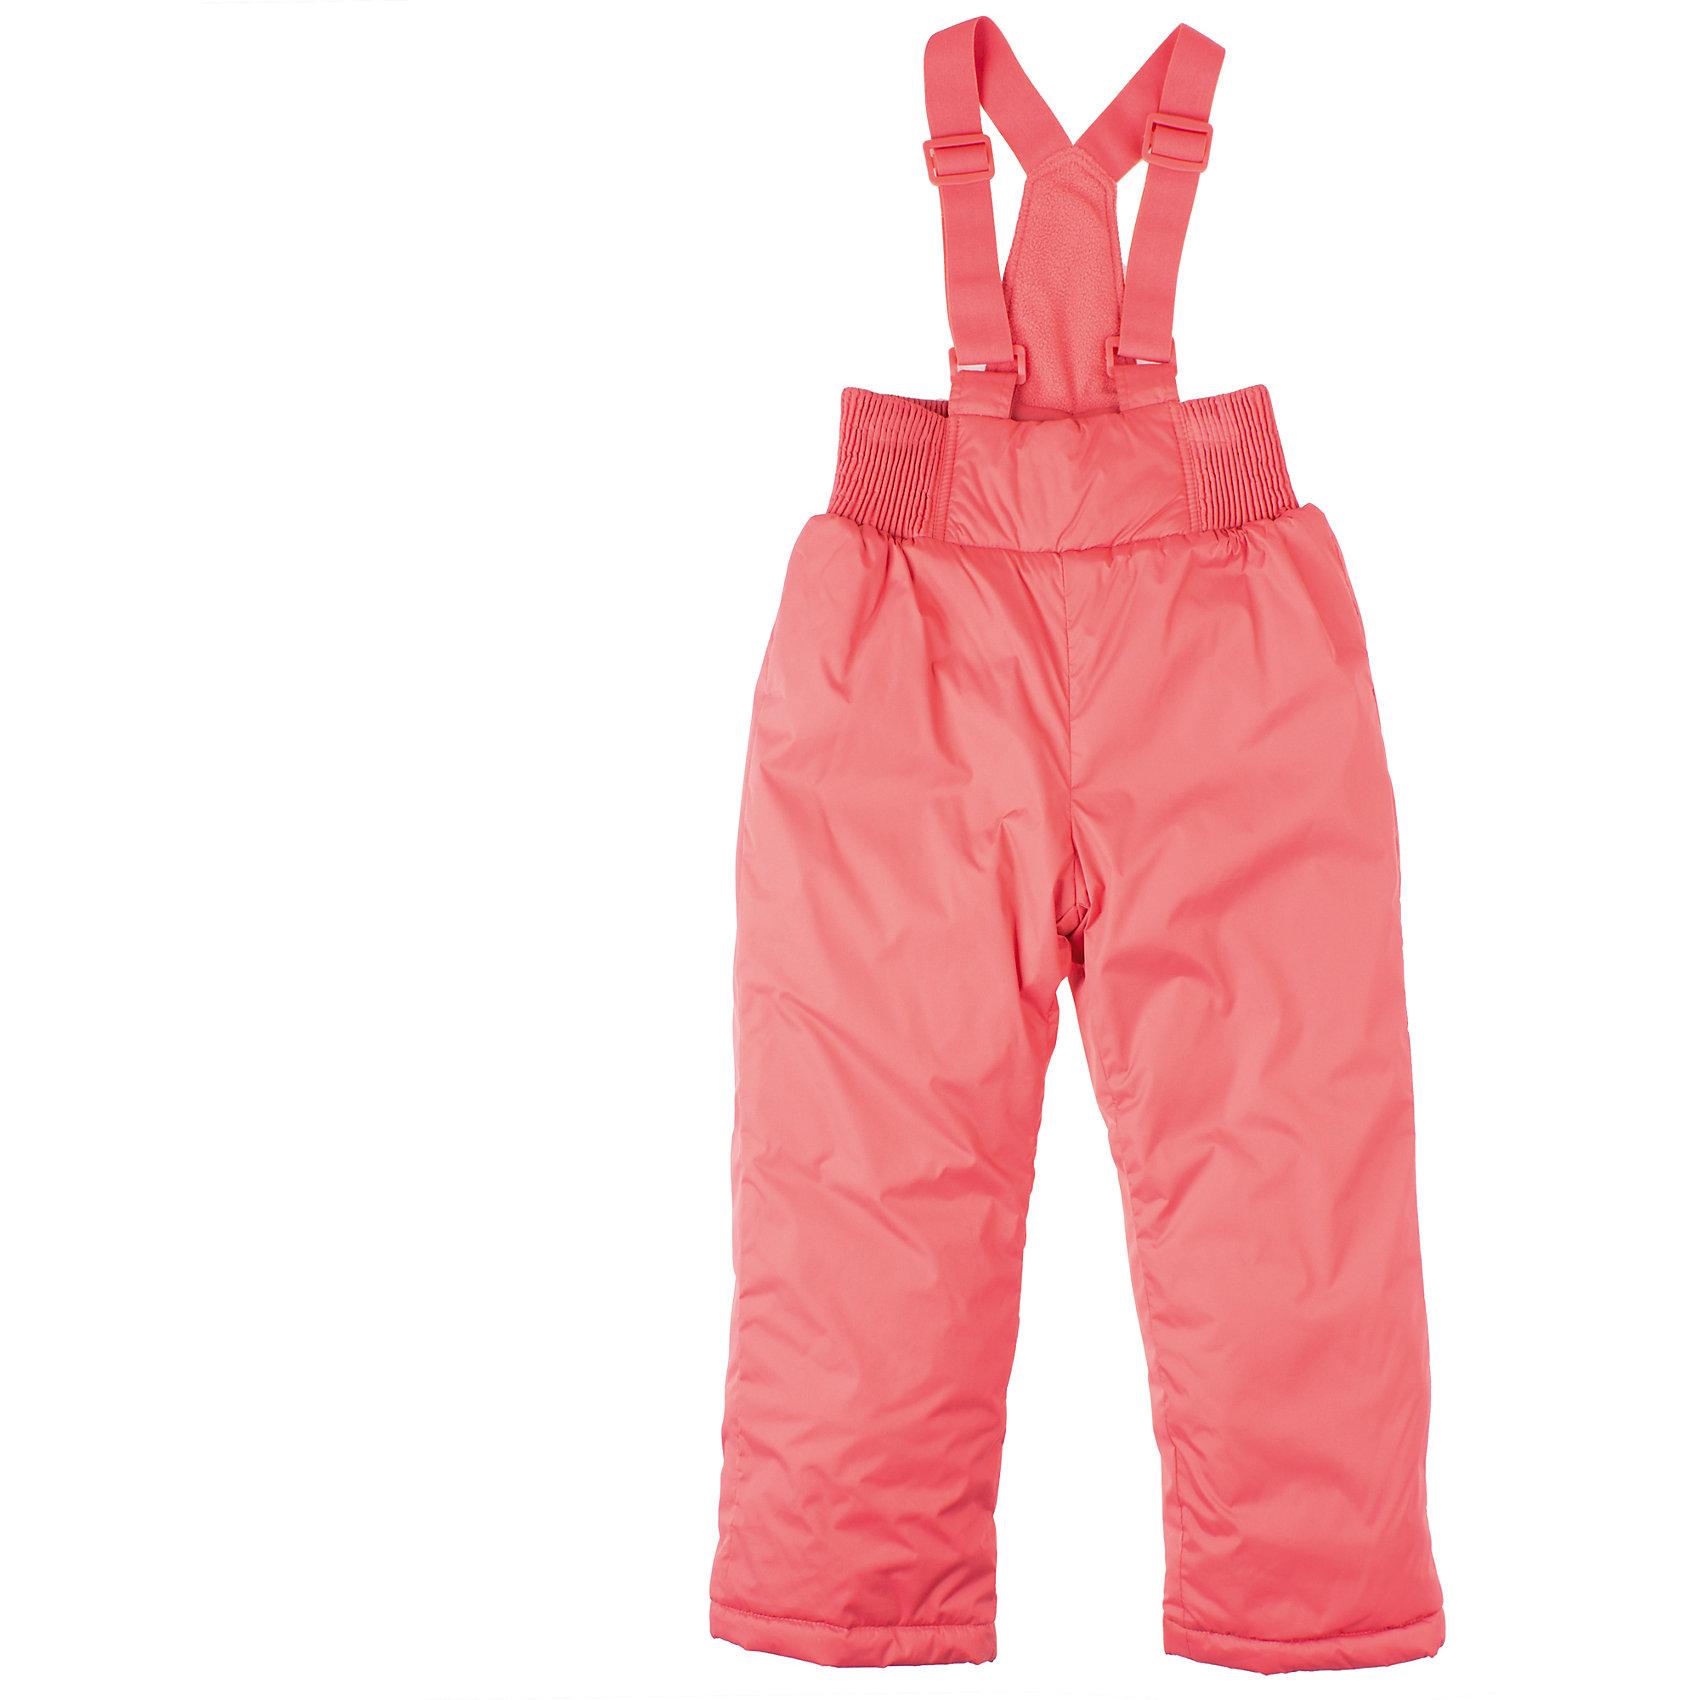 Полукомбинезон для девочки PlayTodayВерхняя одежда<br>Полукомбинезон для девочки PlayToday Полукомбинезон на регулируемых резинках. Можно надевать под теплую куртку со свитером. Отлично защищает ребенка от влаги и ветра. Состав: Верх: 100% полиэстер, Подкладка: 100% полиэстер, Наполнитель: 100% полиэстер<br><br>Ширина мм: 215<br>Глубина мм: 88<br>Высота мм: 191<br>Вес г: 336<br>Цвет: розовый<br>Возраст от месяцев: 84<br>Возраст до месяцев: 96<br>Пол: Женский<br>Возраст: Детский<br>Размер: 128,122,110,104,98,116<br>SKU: 4228786